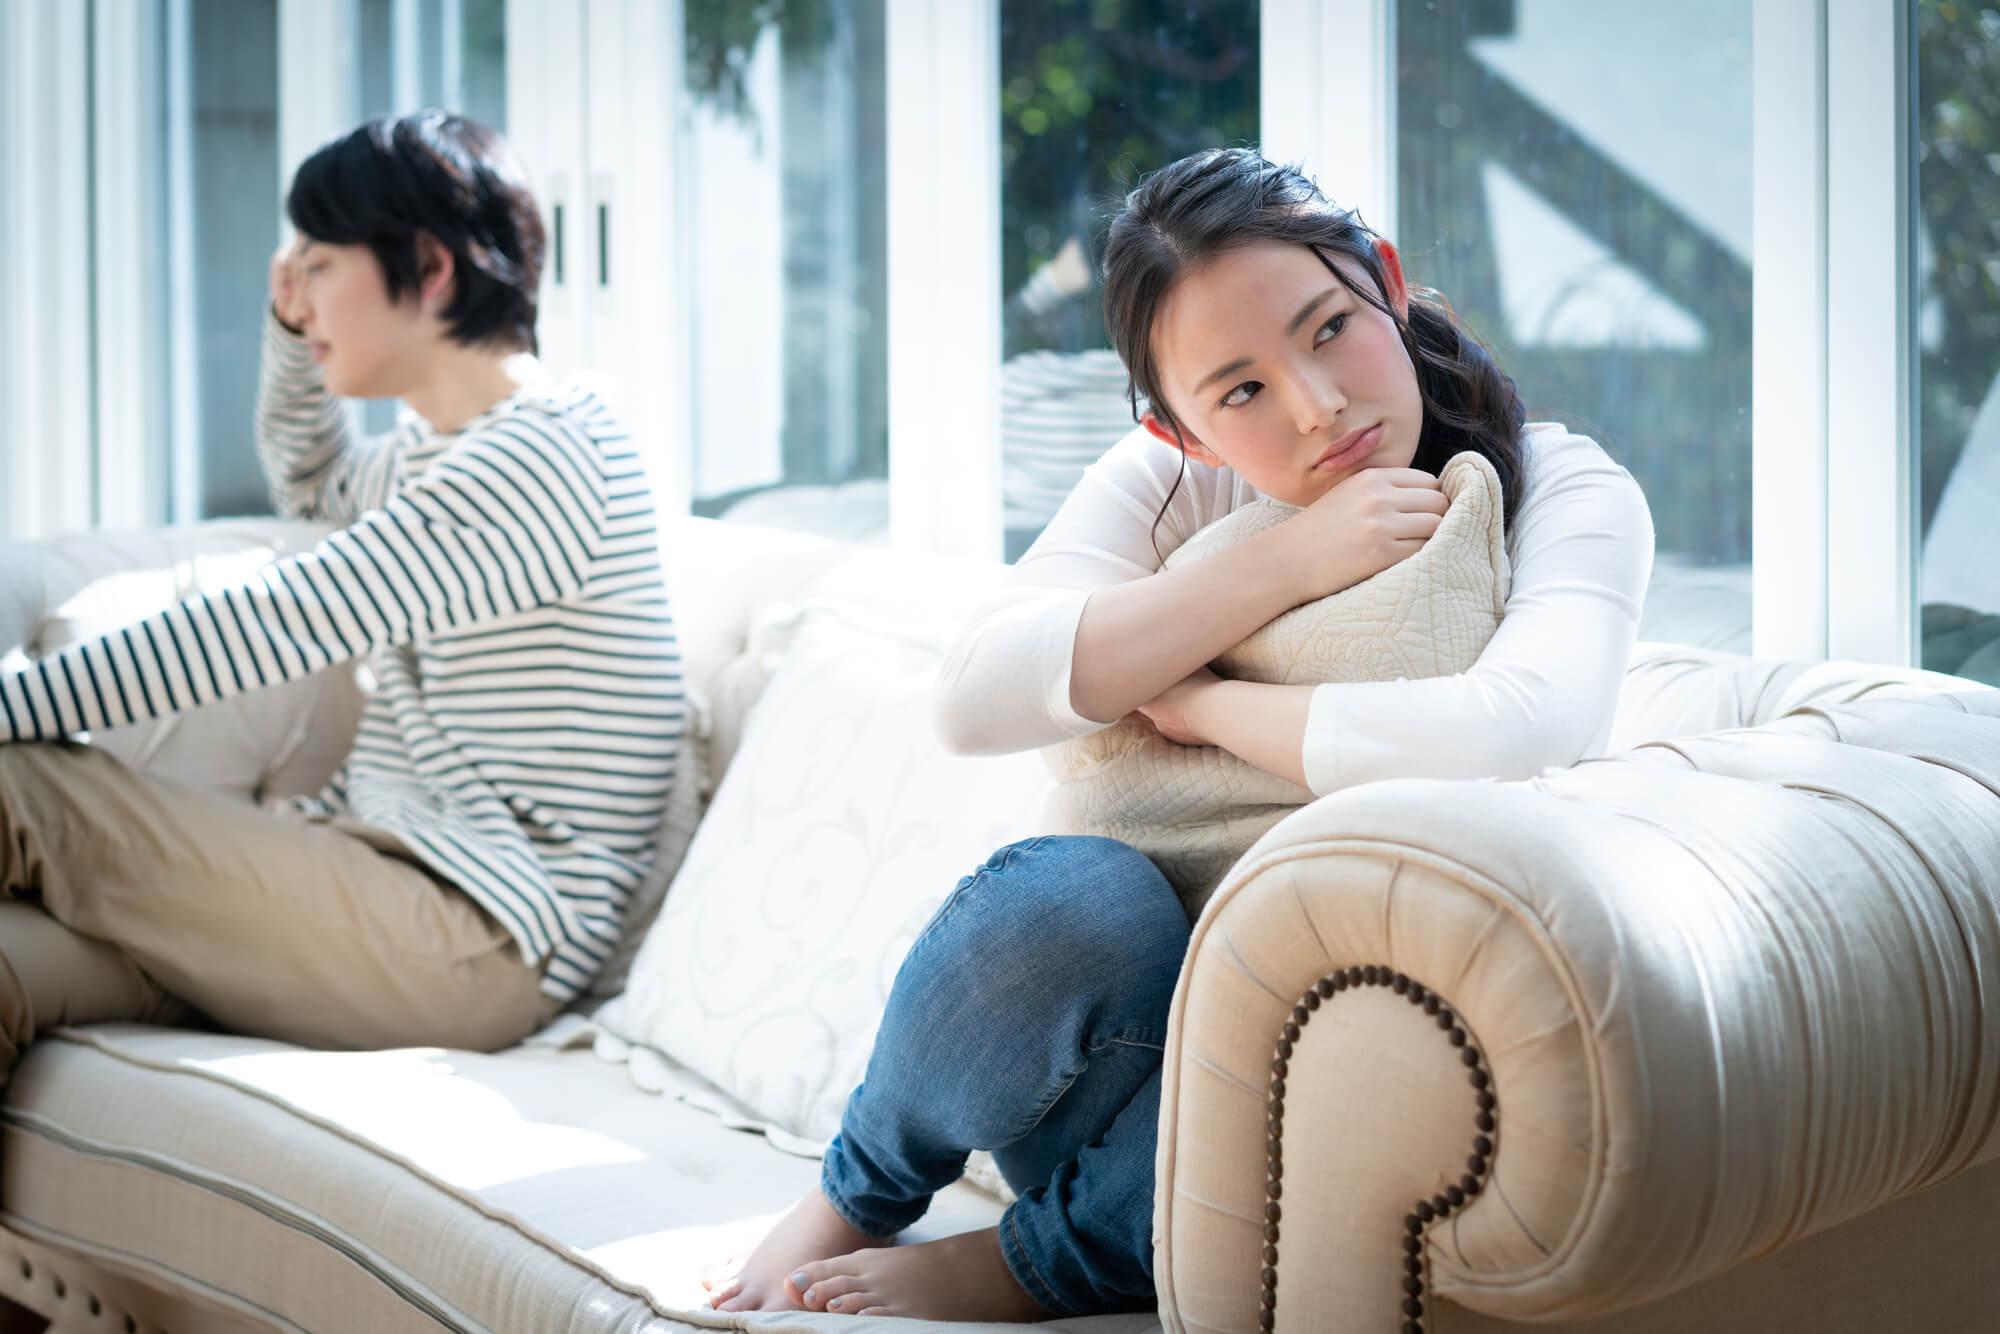 病院で双極性障害、パニック障害、大人の発達障害と診断され悩み苦しんでいる女性